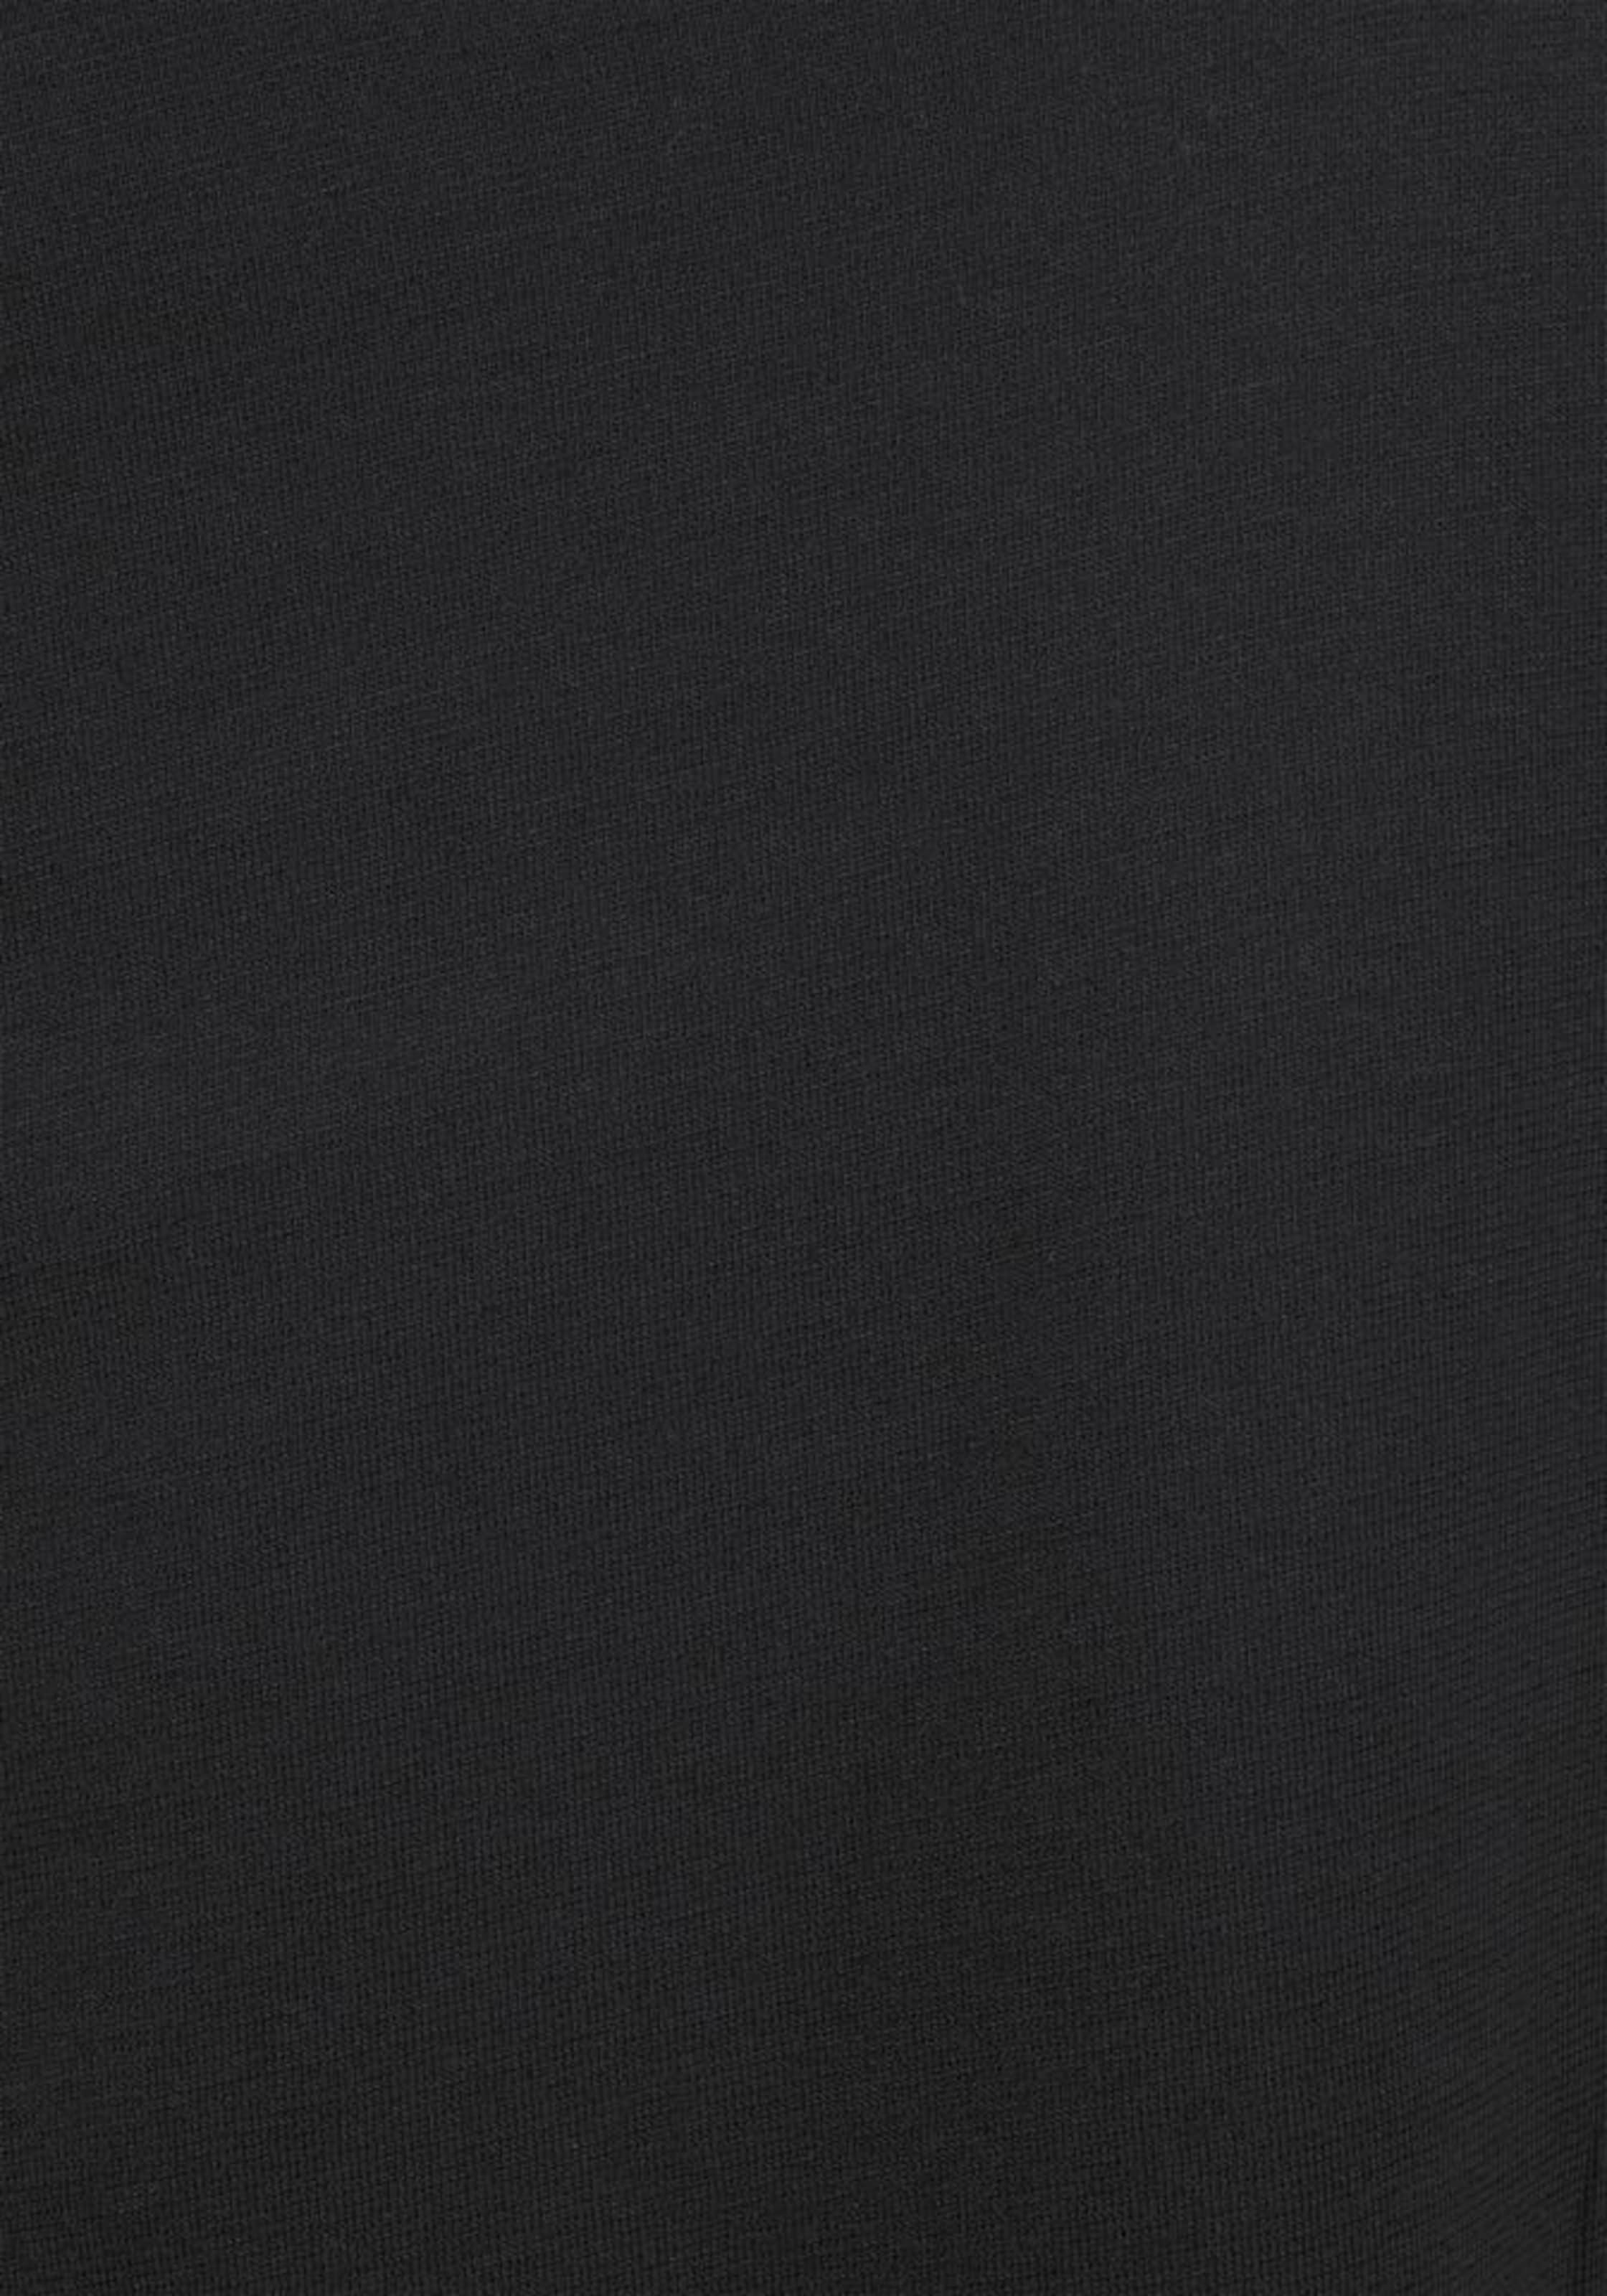 Verkauf Mit Mastercard BENCH Muscleshirt Bester Verkauf Original Online Niedriger Preis Versandgebühr Billig Größte Lieferant sP63ia